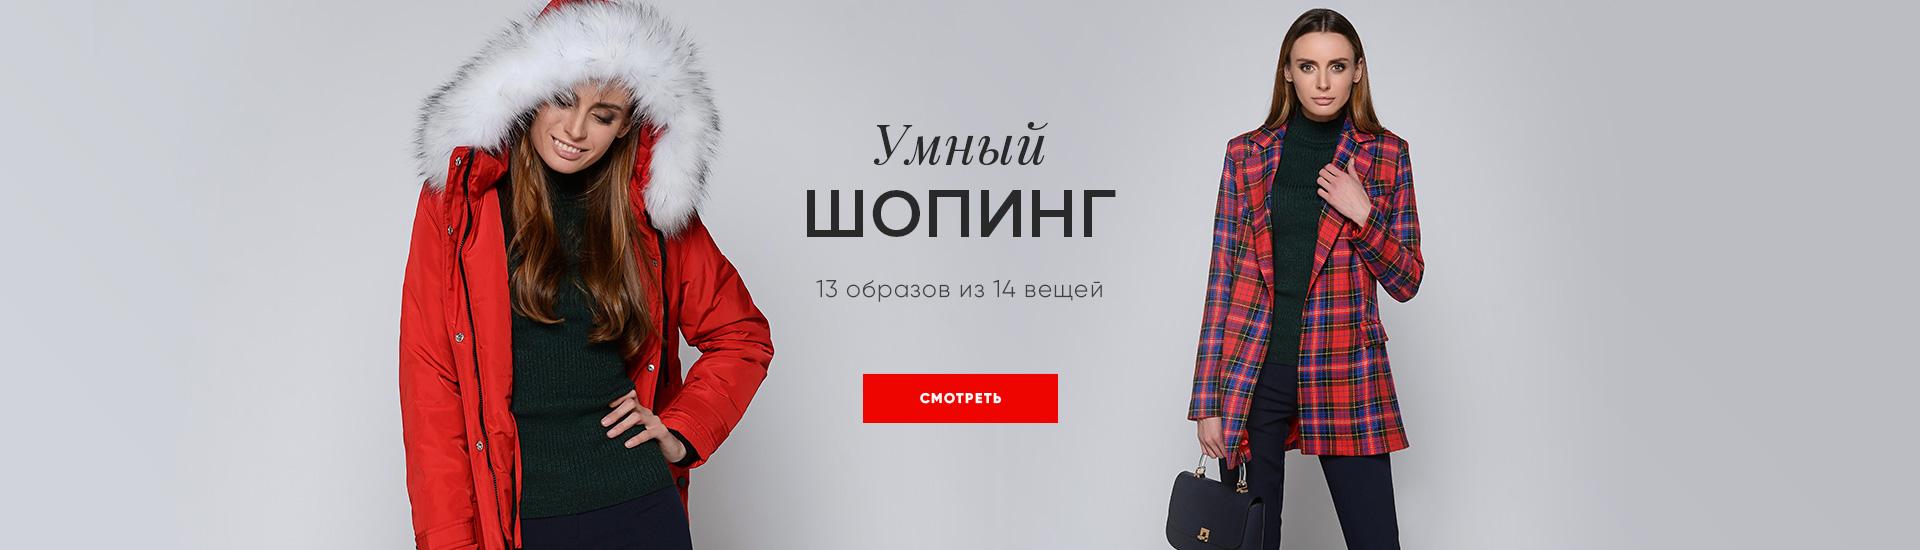 Умный шопинг